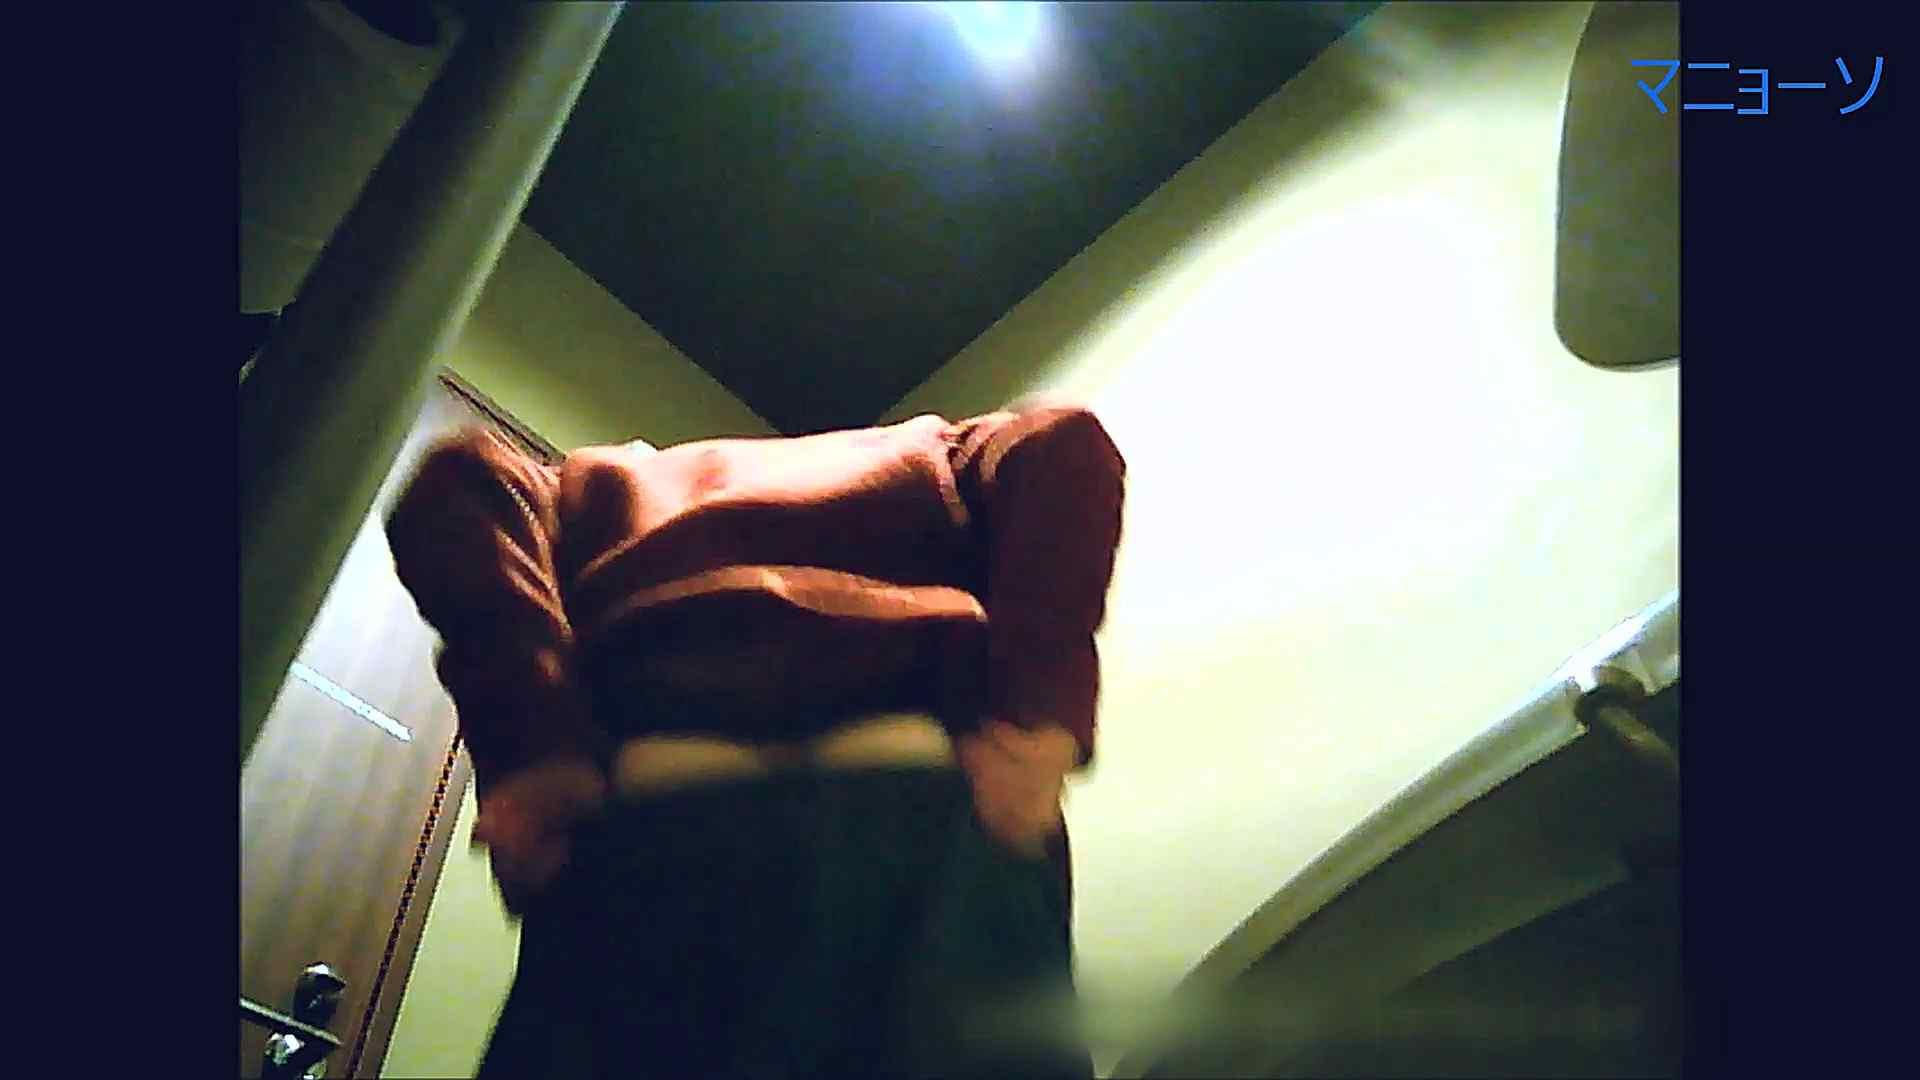 トイレでひと肌脱いでもらいました (JD編)Vol.07 お姉さんのSEX オマンコ動画キャプチャ 104枚 33